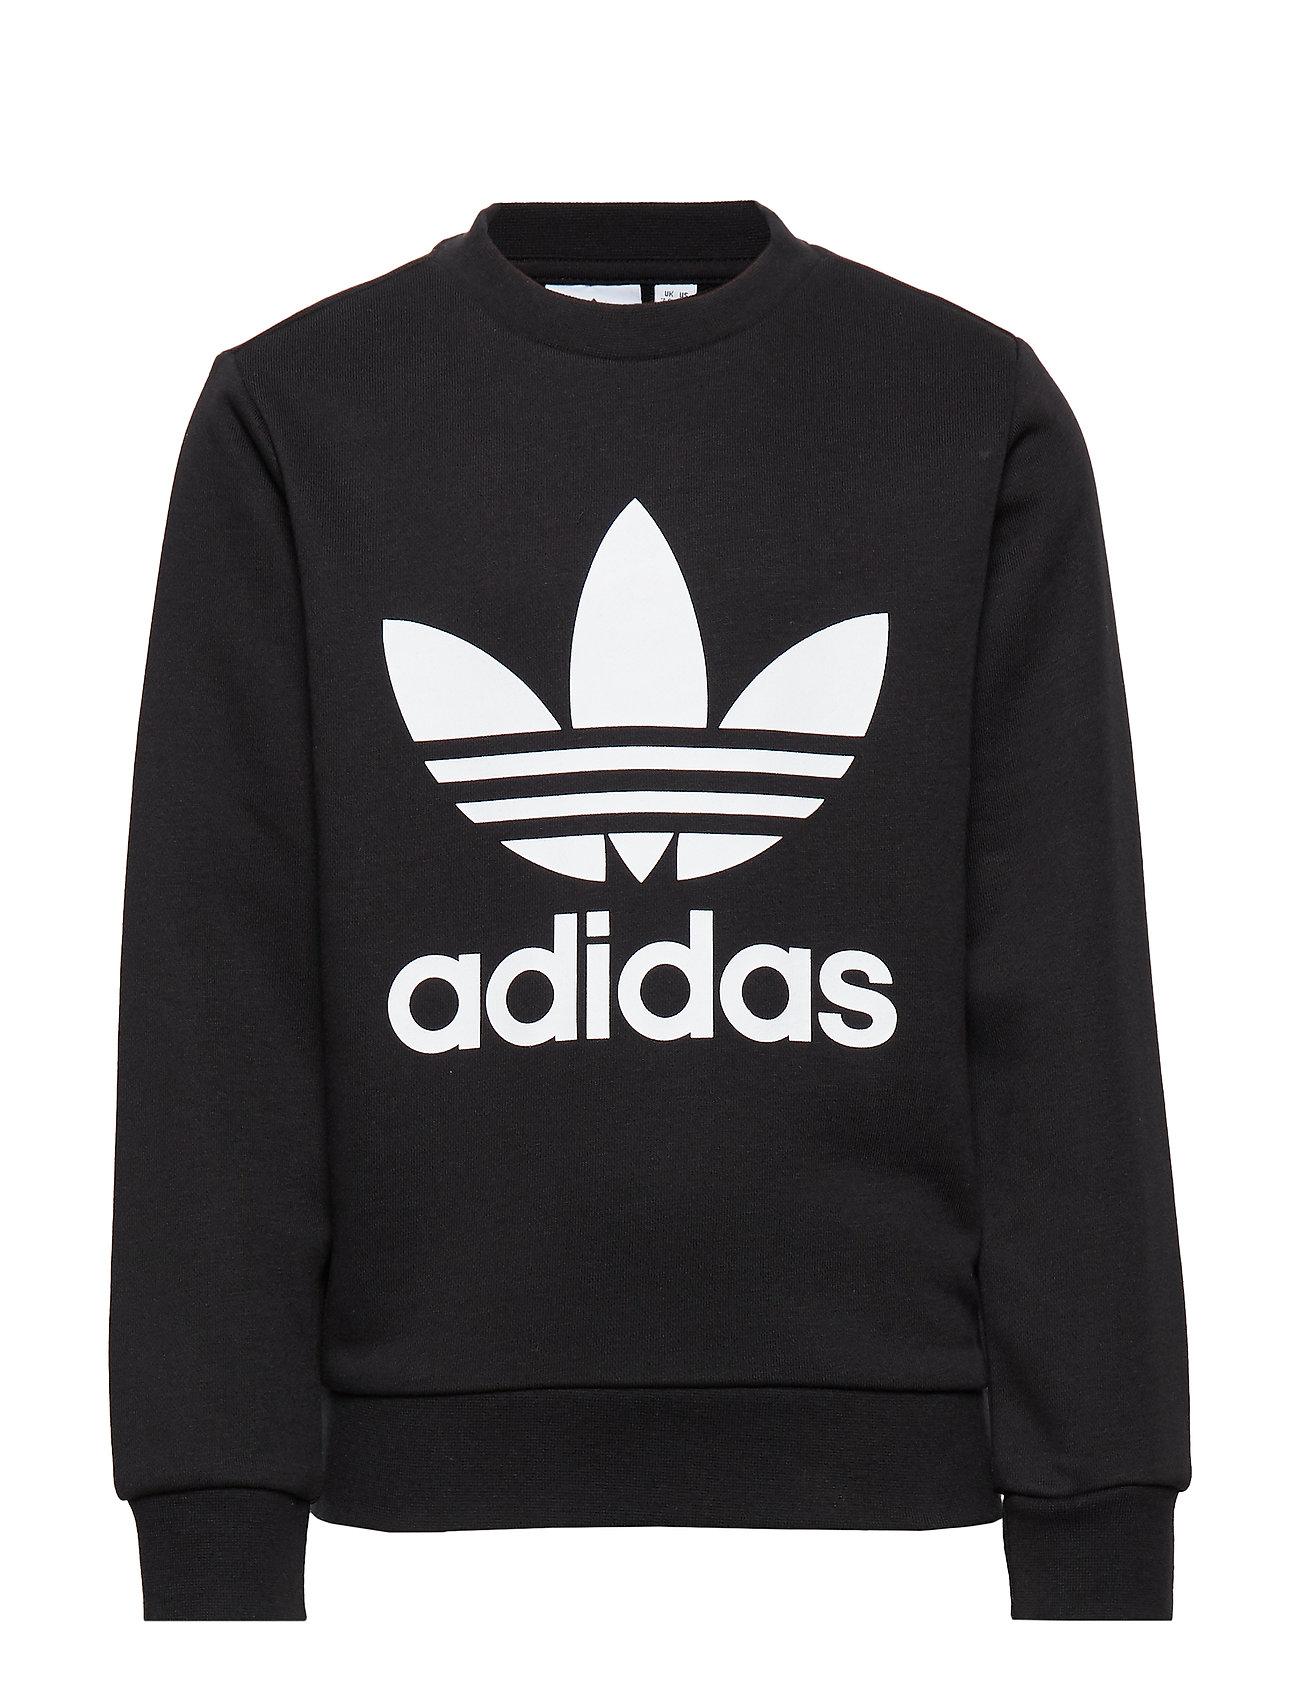 adidas Originals TREFOIL CREW - BLACK/WHITE